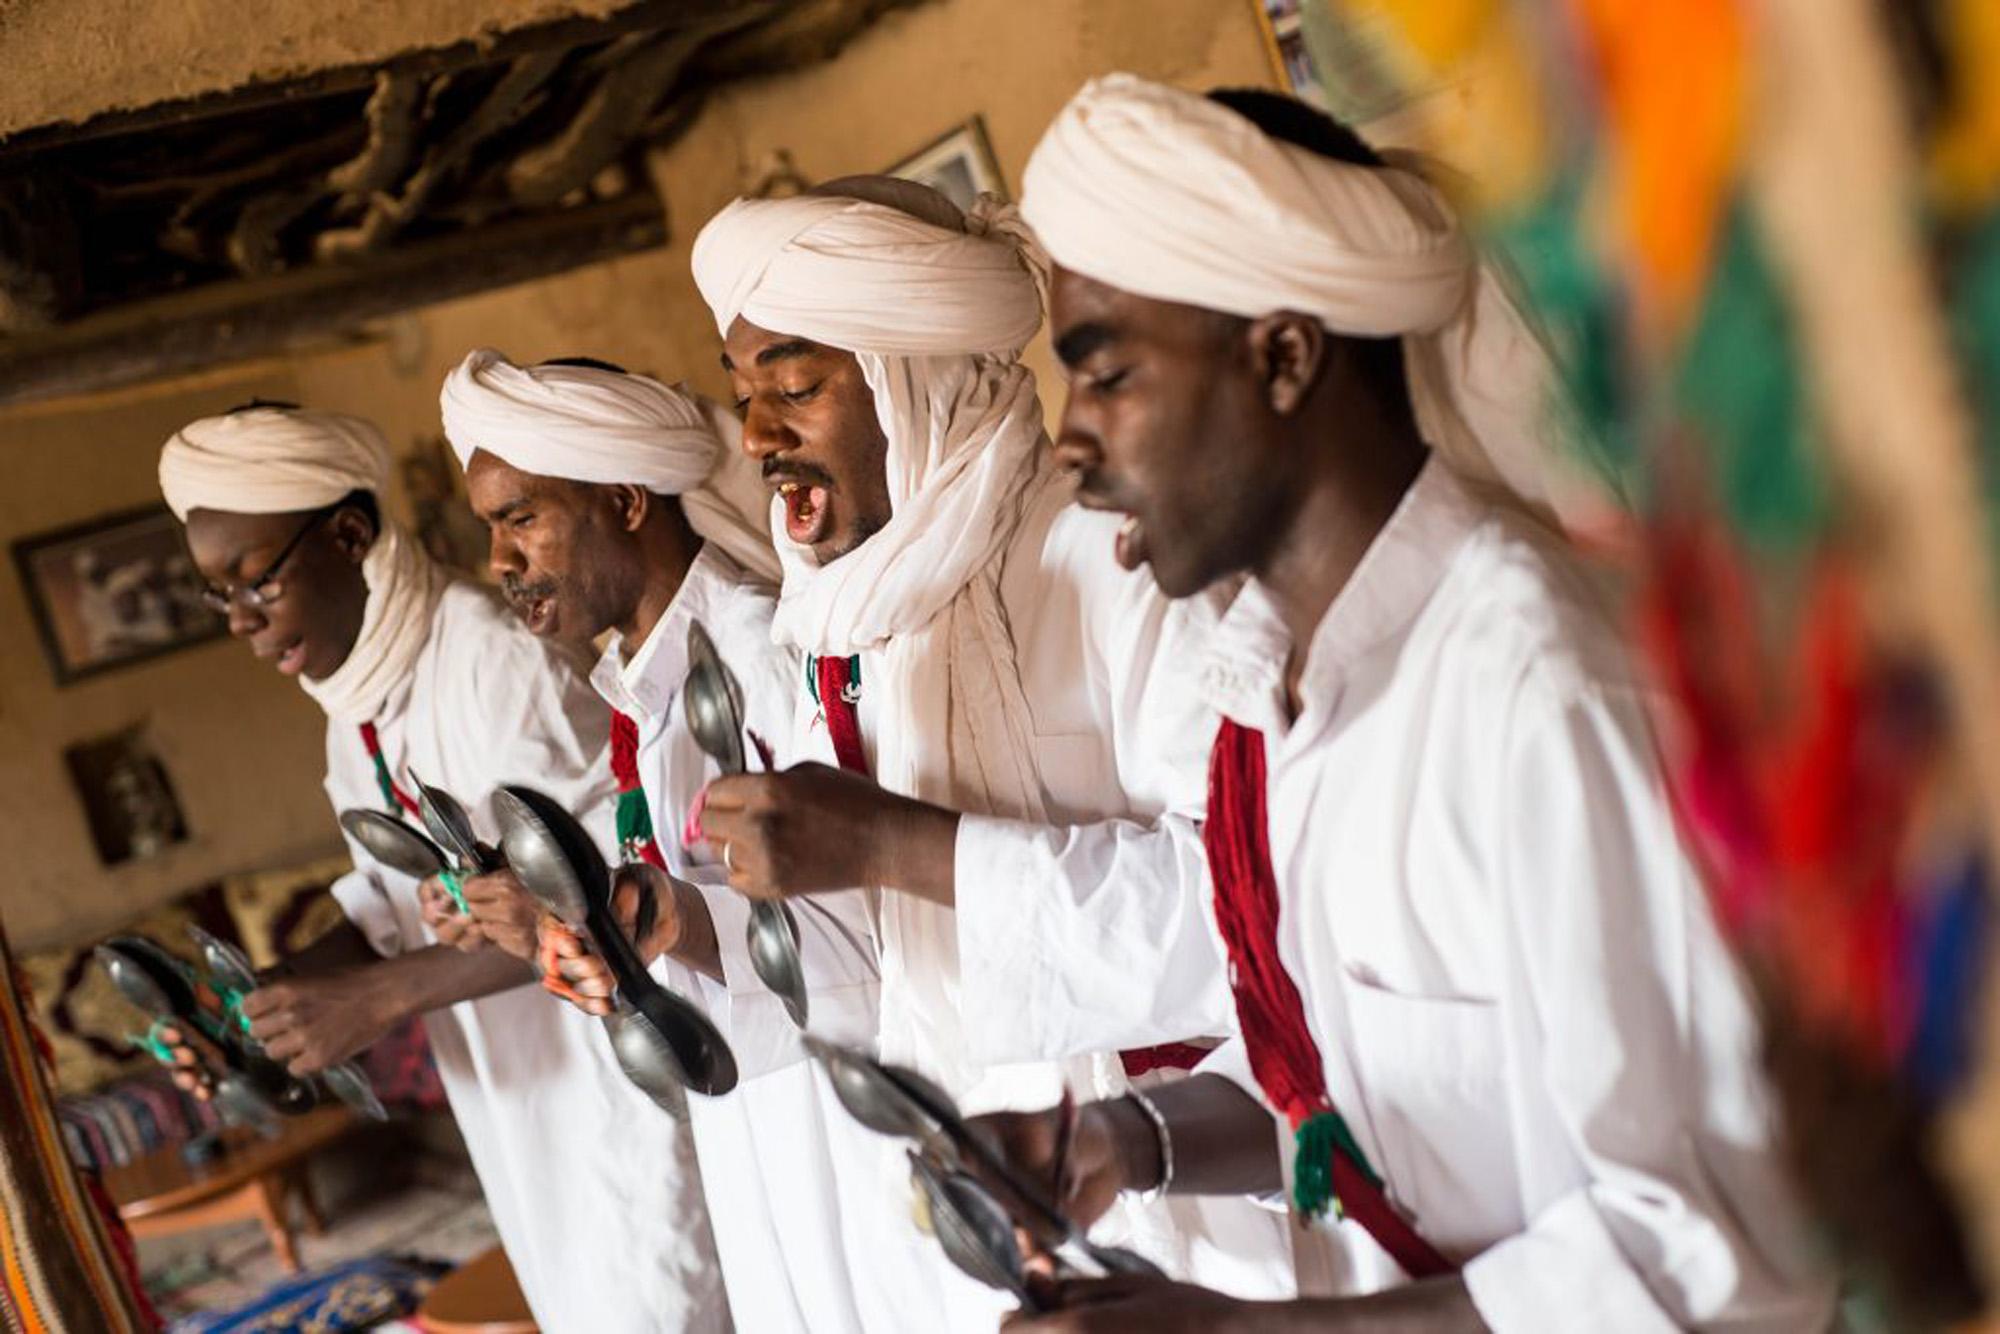 Los Gnawas sur de Marruecos